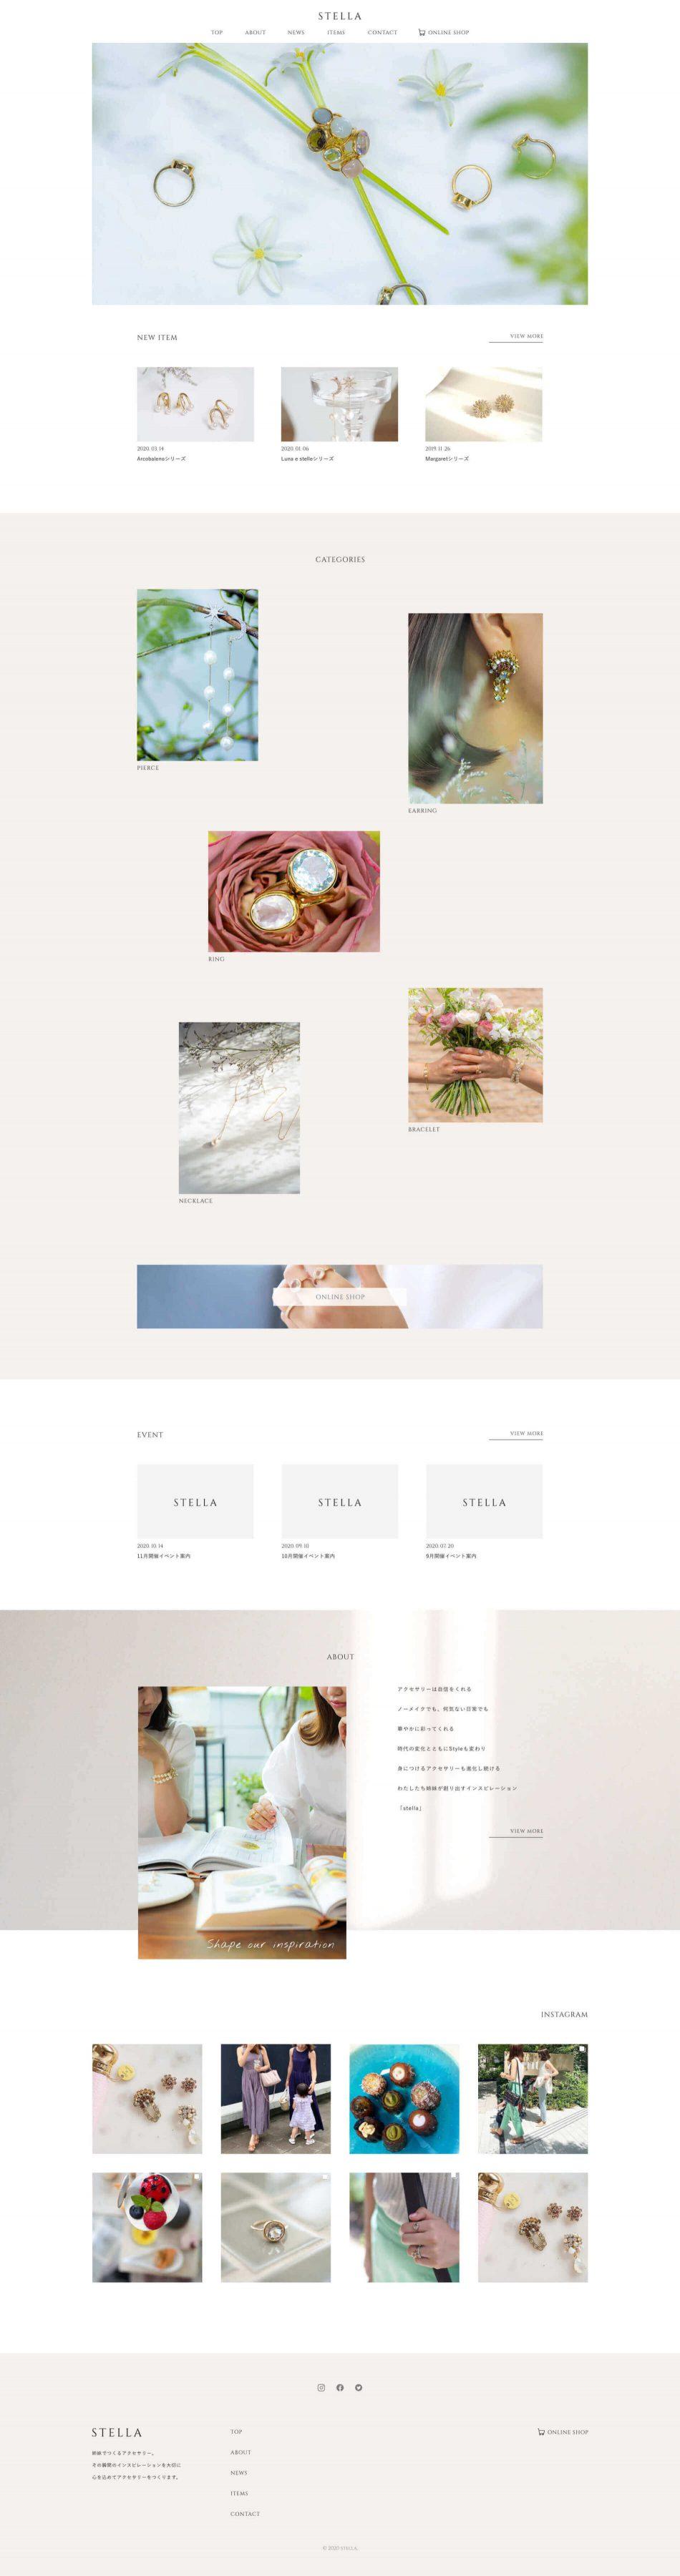 STELLAウェブサイトPCイメージ